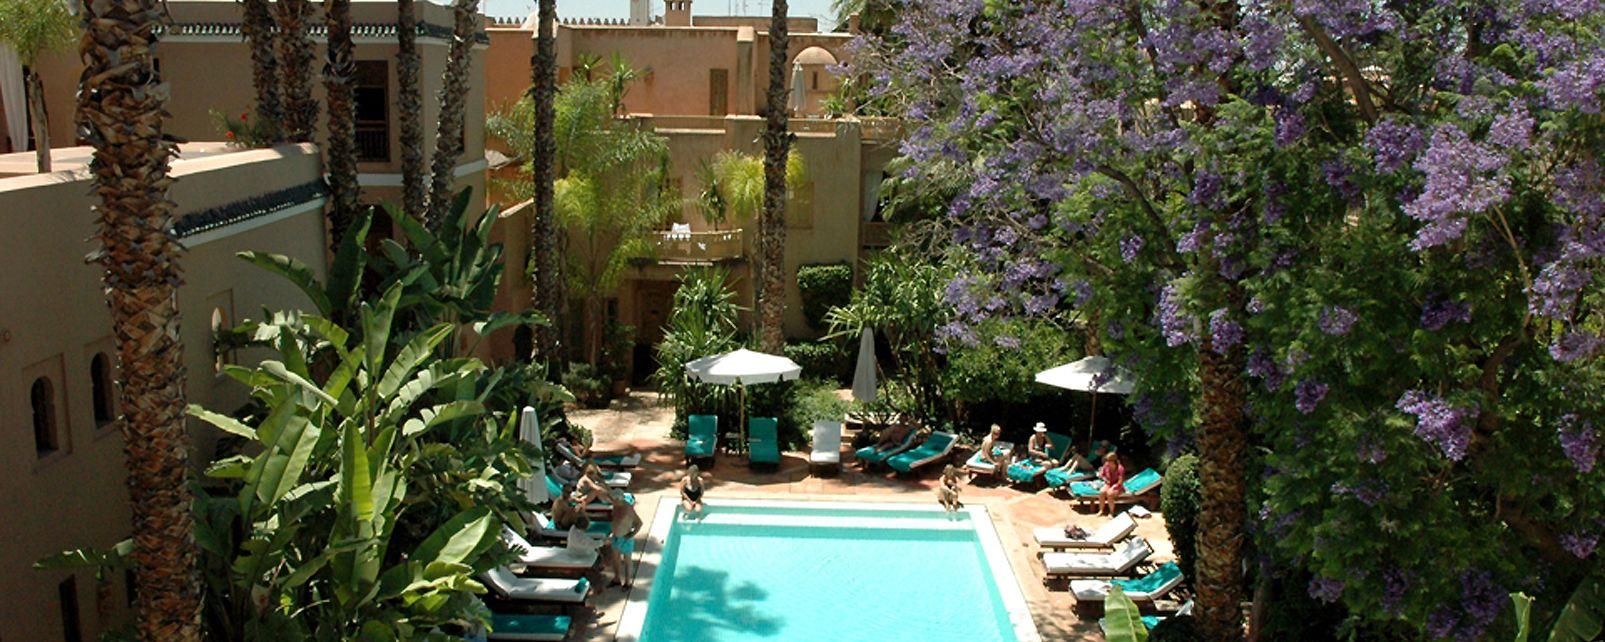 H tel les jardins de la m dina marrakech for Les jardins de la ville